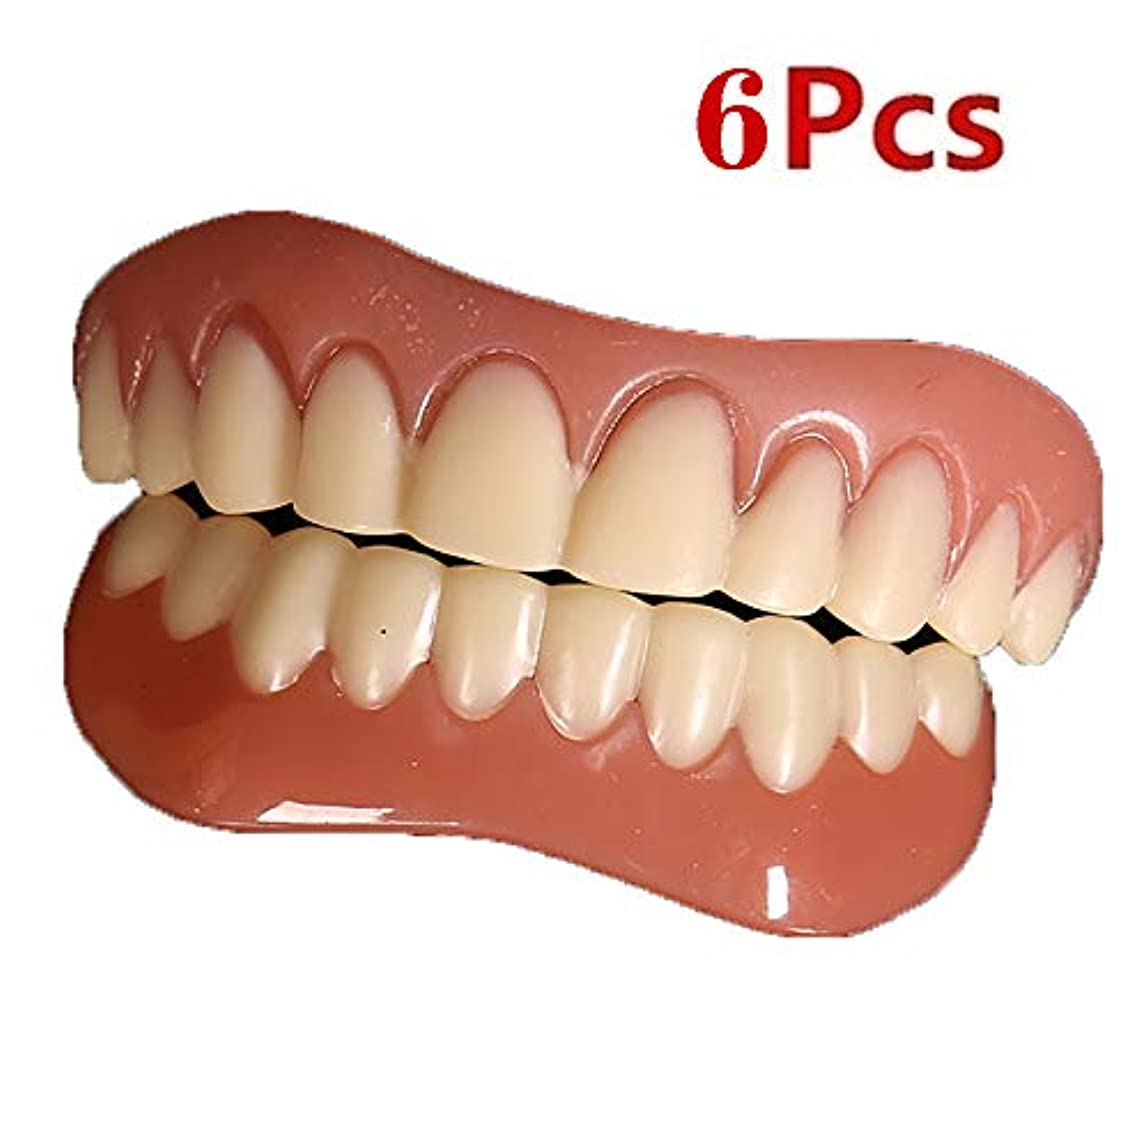 ケープシネウィ尊敬即時の微笑の歯の上部のより低いベニヤの慰めの適合の歯のベニヤ、歯科ベニヤの慰めの適合の歯の上の化粧品のベニヤワンサイズはすべての義歯の接着剤の歯に入れます